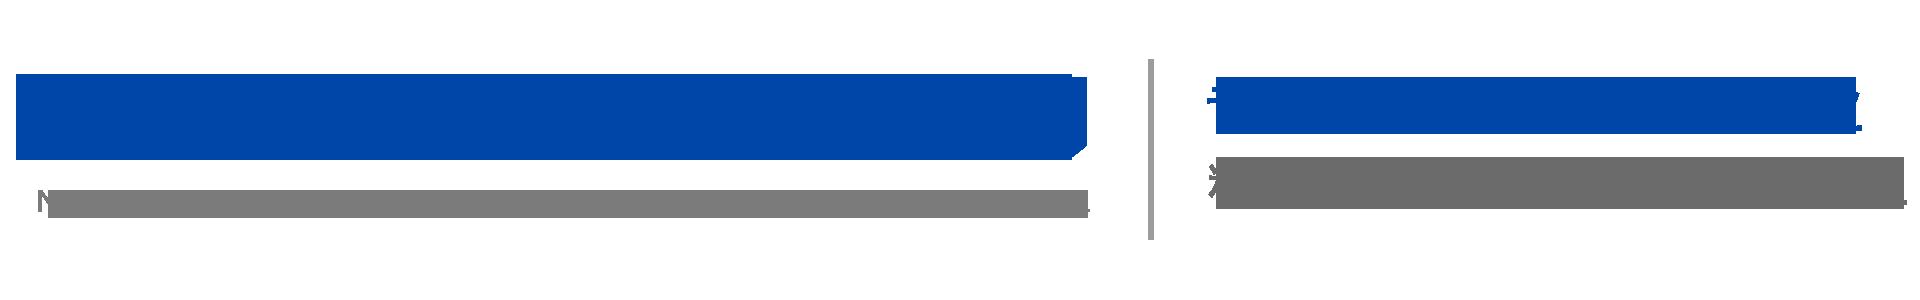 寧夏尚錦建筑工程有限公司